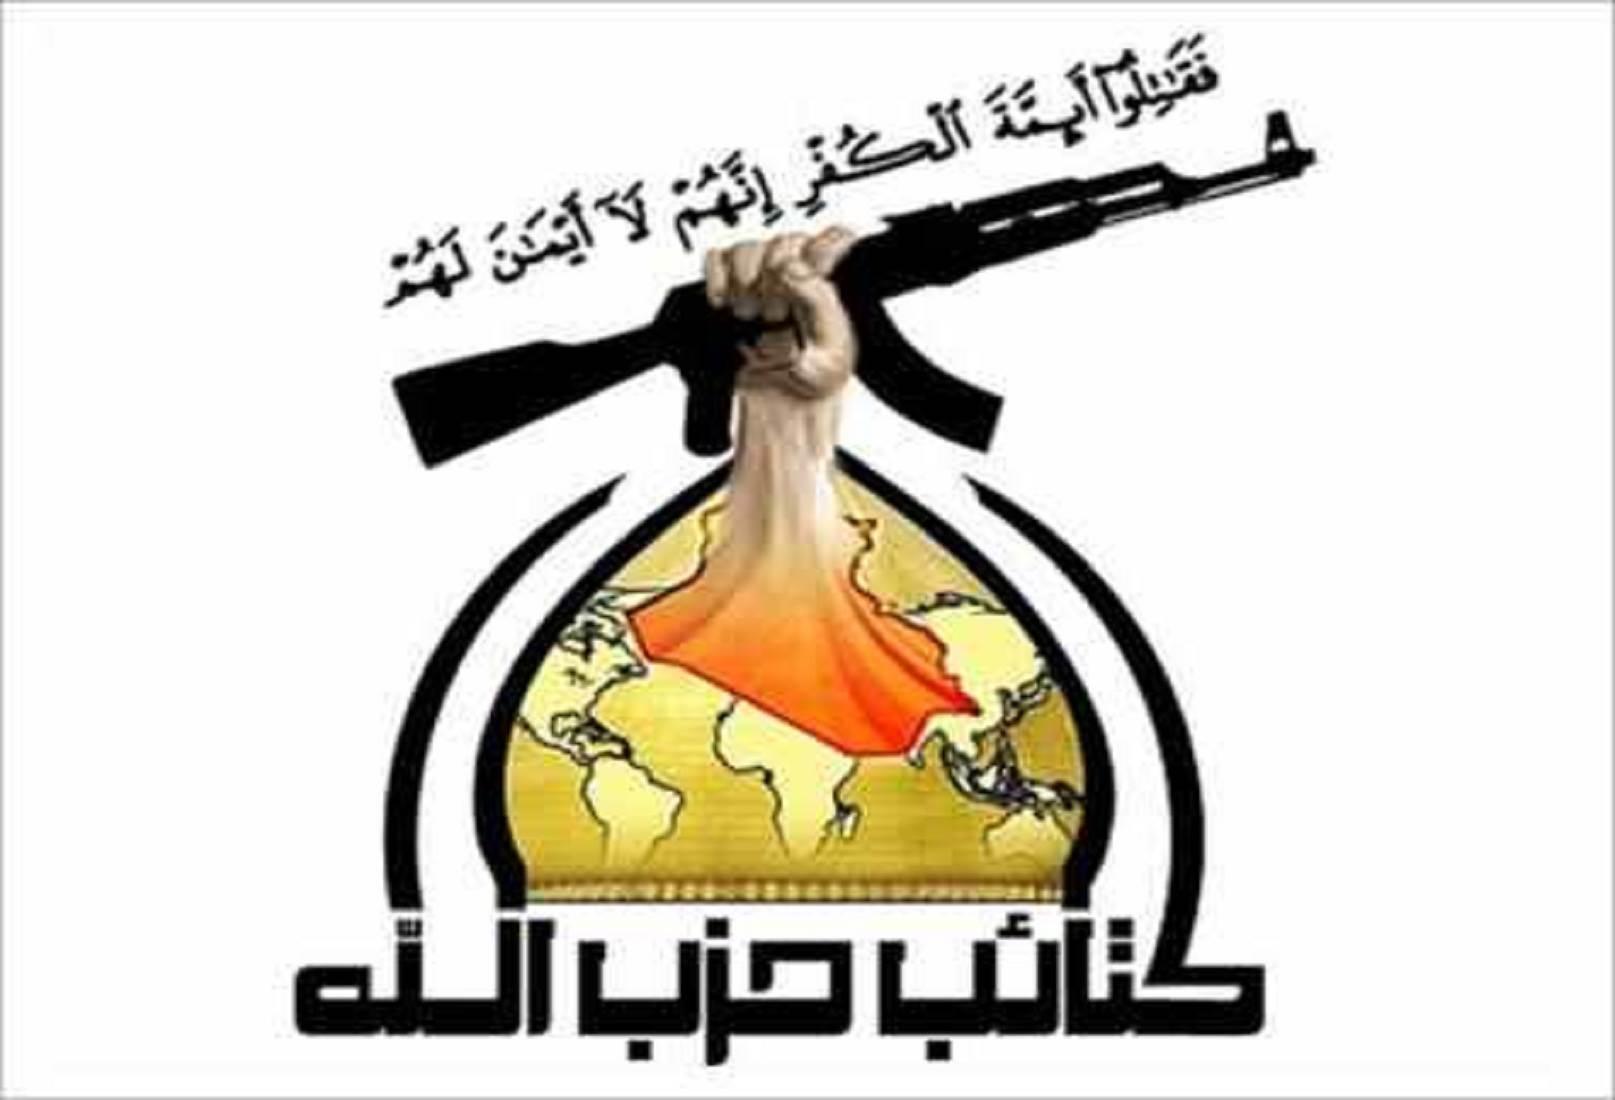 داعش را ظرف یک ماه از عراق بیرون خواهیم کرد